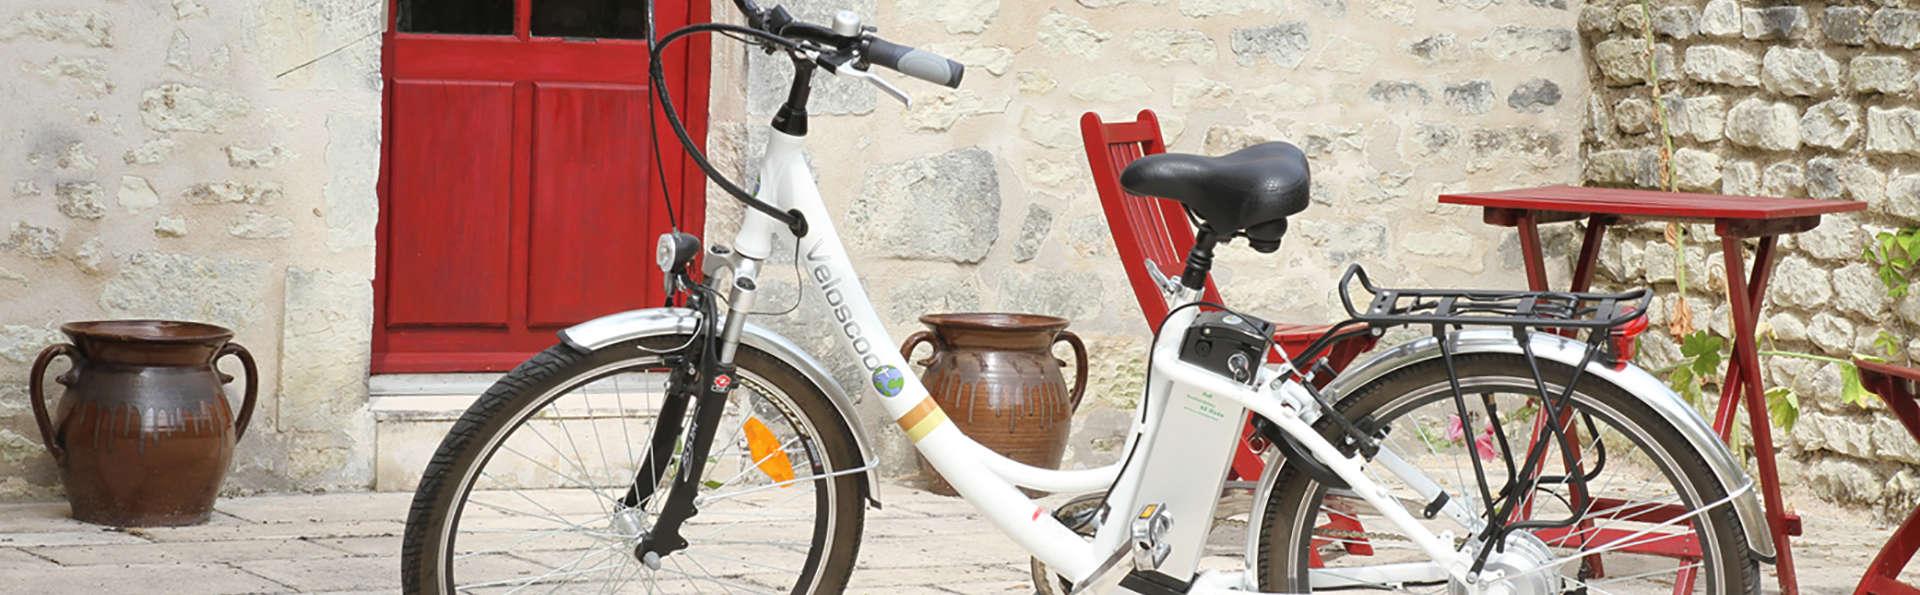 Séjour en famille et balade à vélo en pleine nature